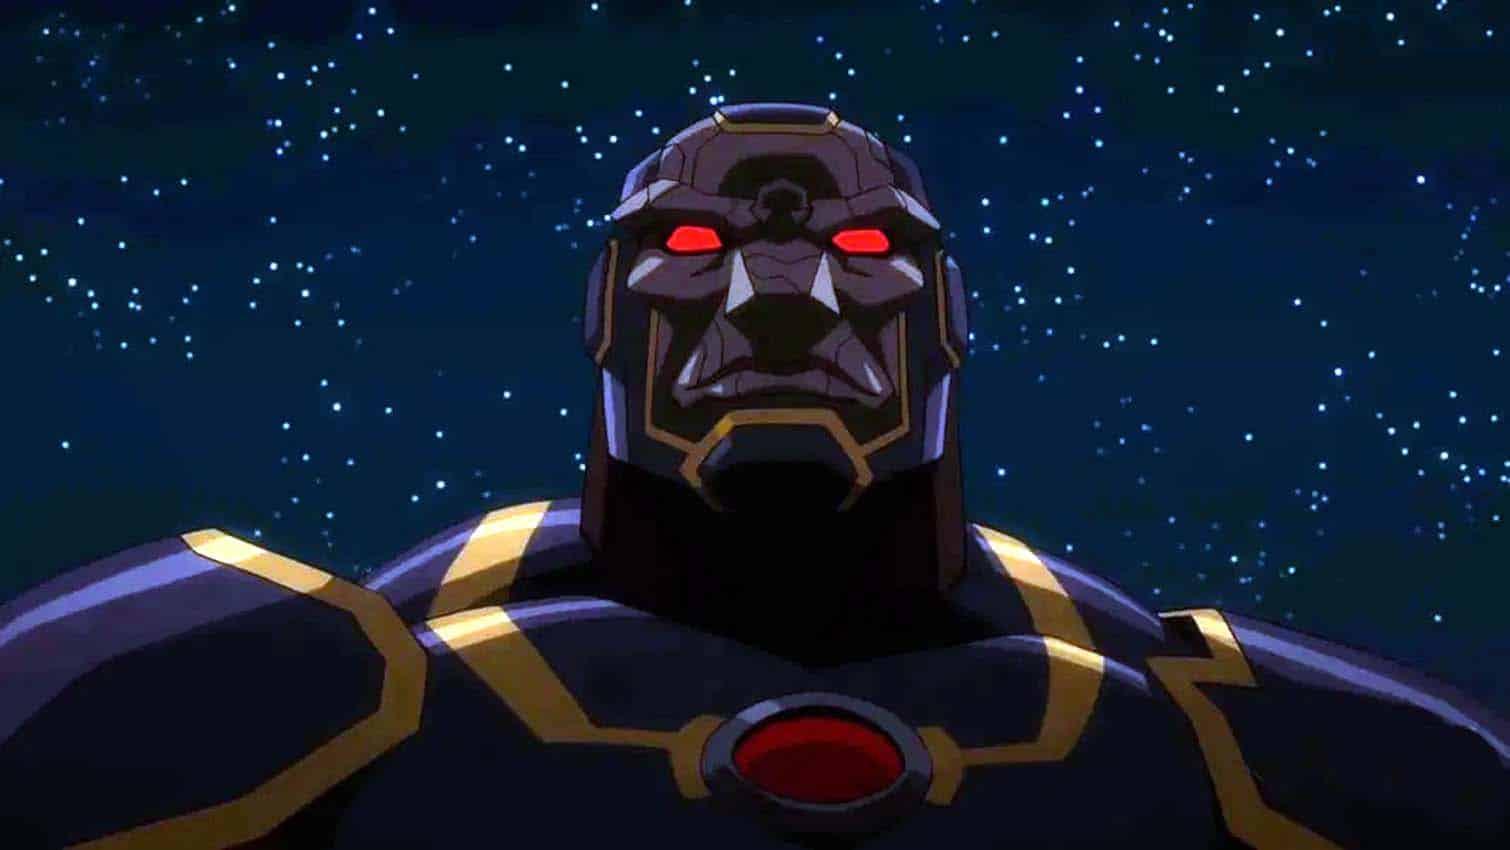 Darkseid em cena de Liga da Justica Sombria Guerra de Apokolips